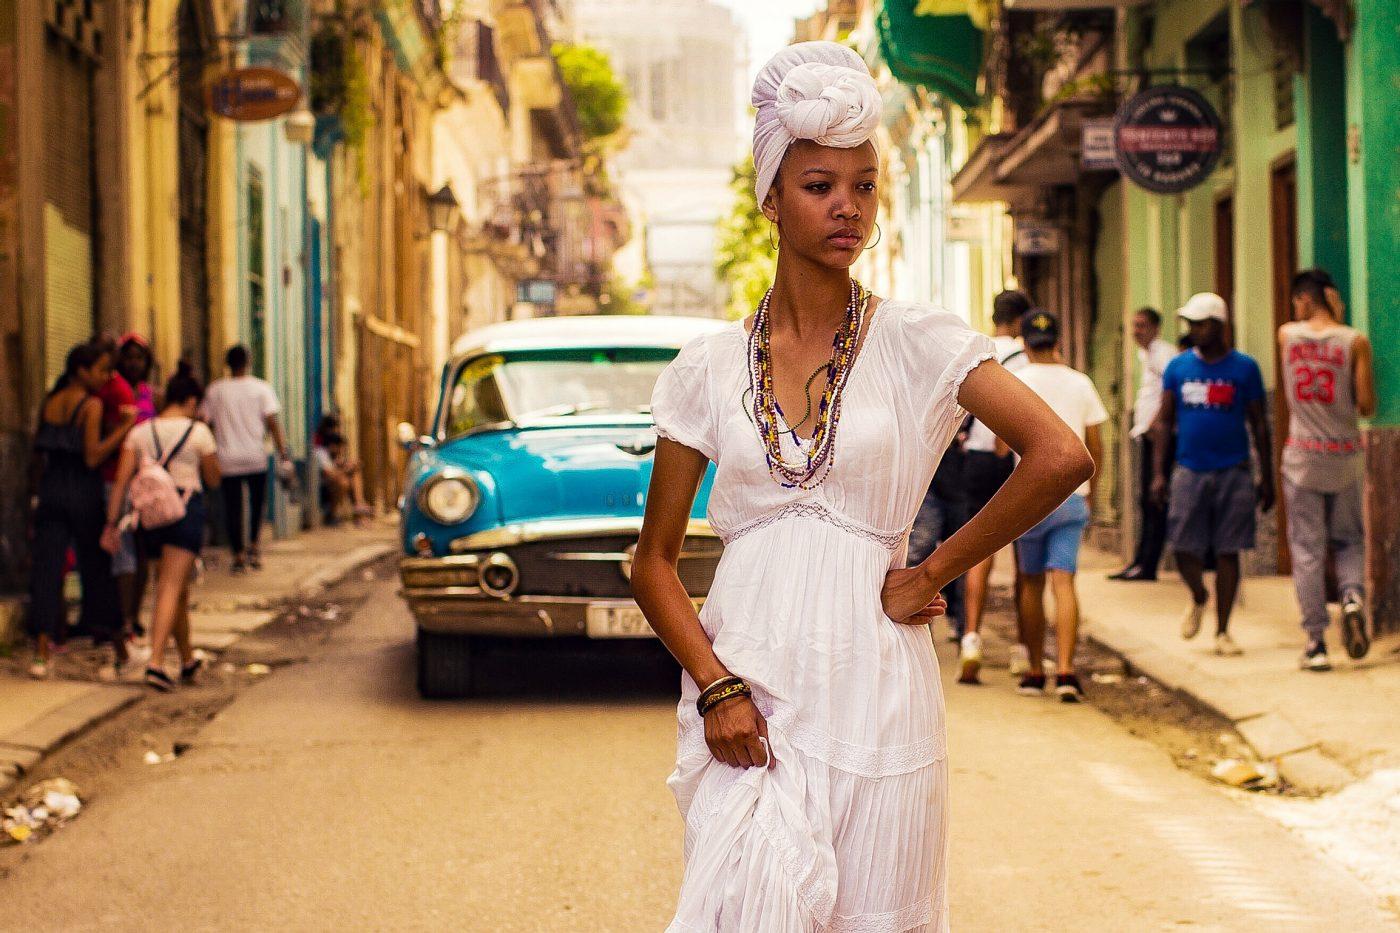 Cuba (6) by Robin Yong